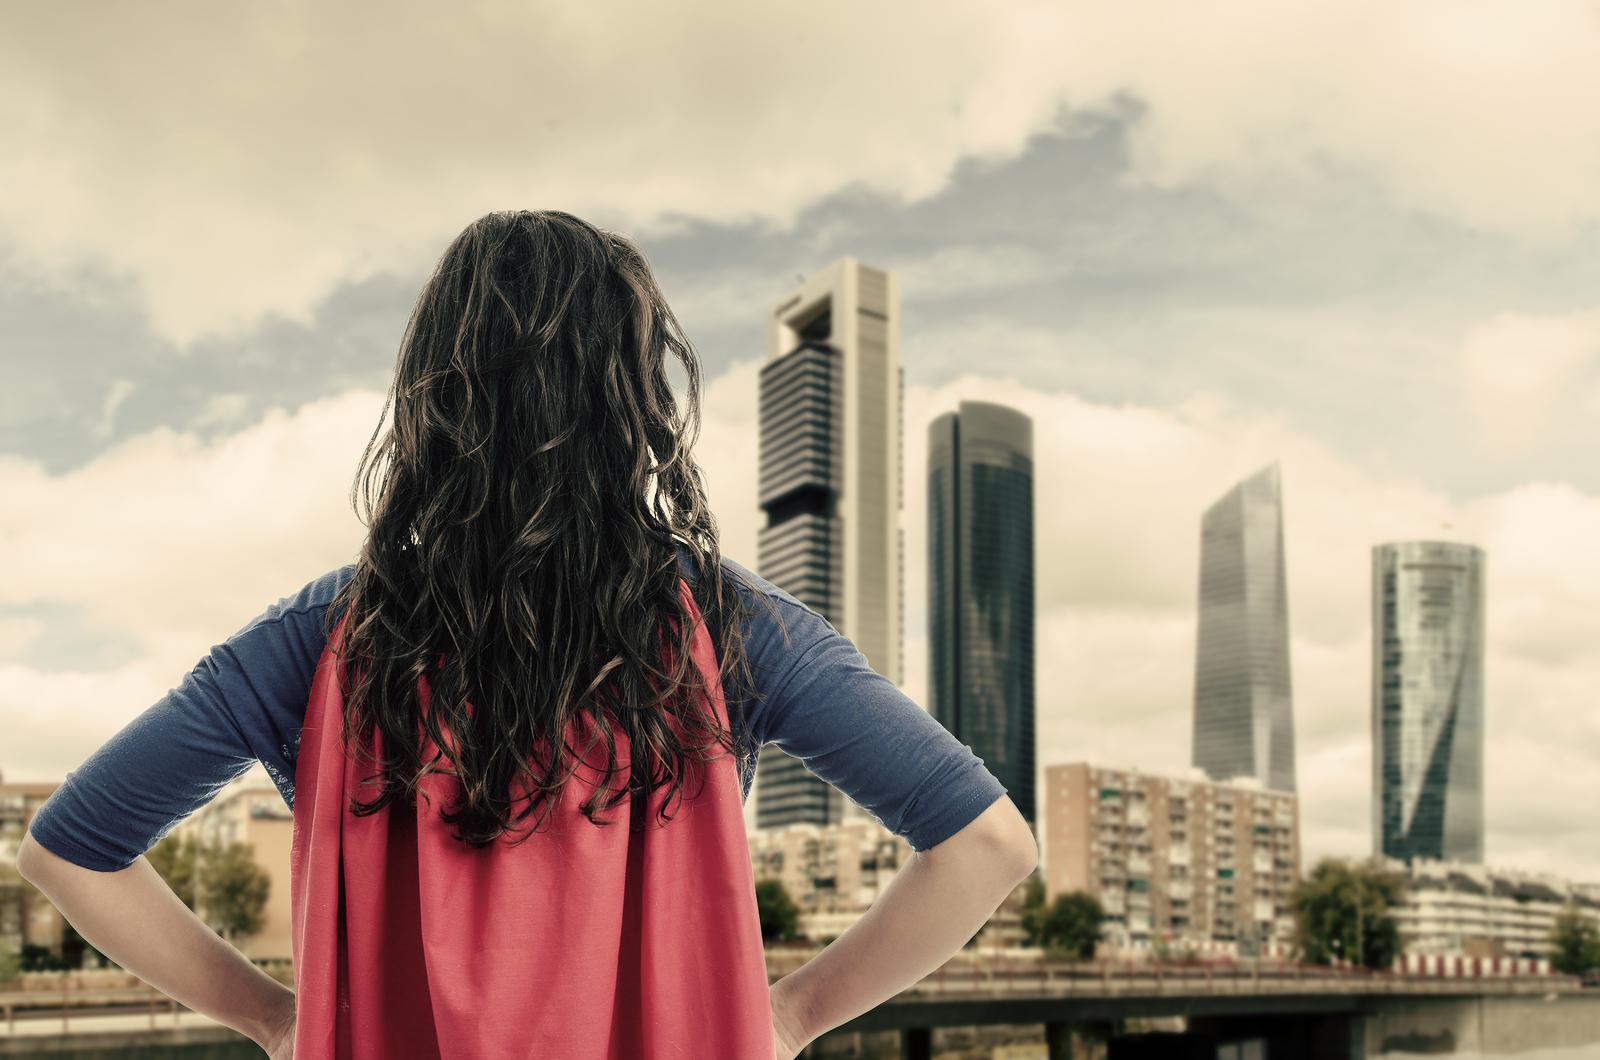 Frau mit Superheldenkostüm schaut auf eine Stadt